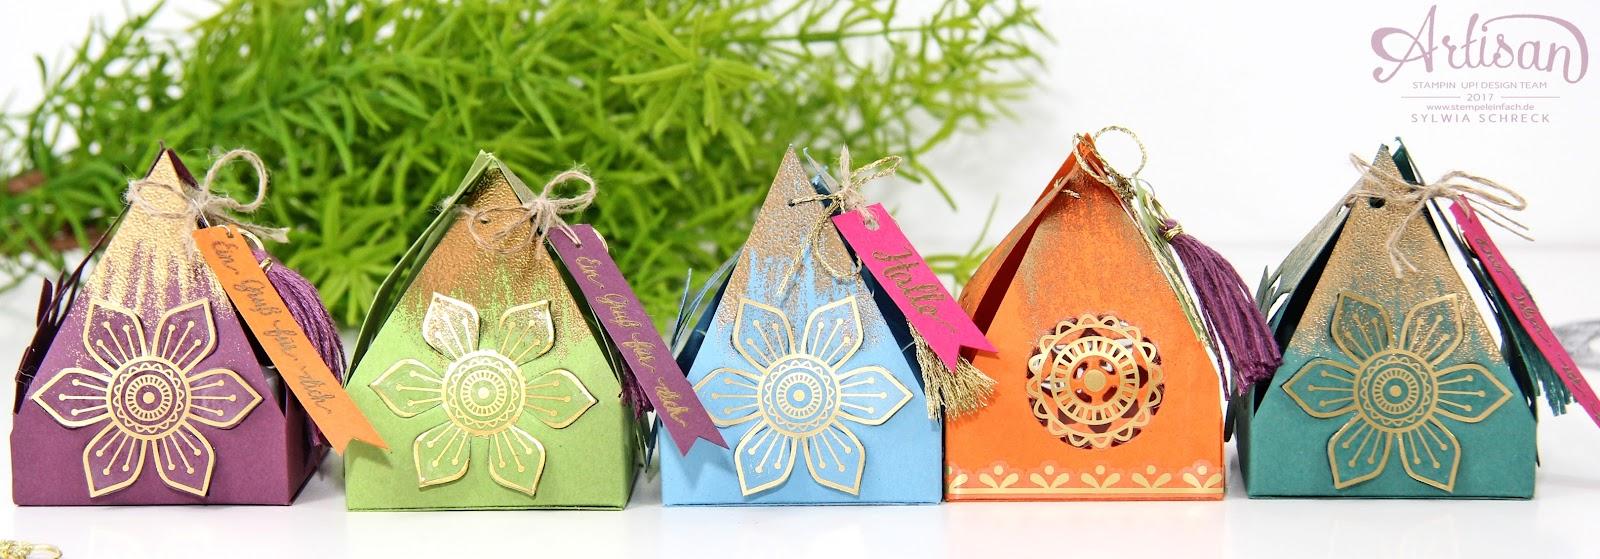 Stampin Up-Orientpalast-Boxen-Schönheit des Orients